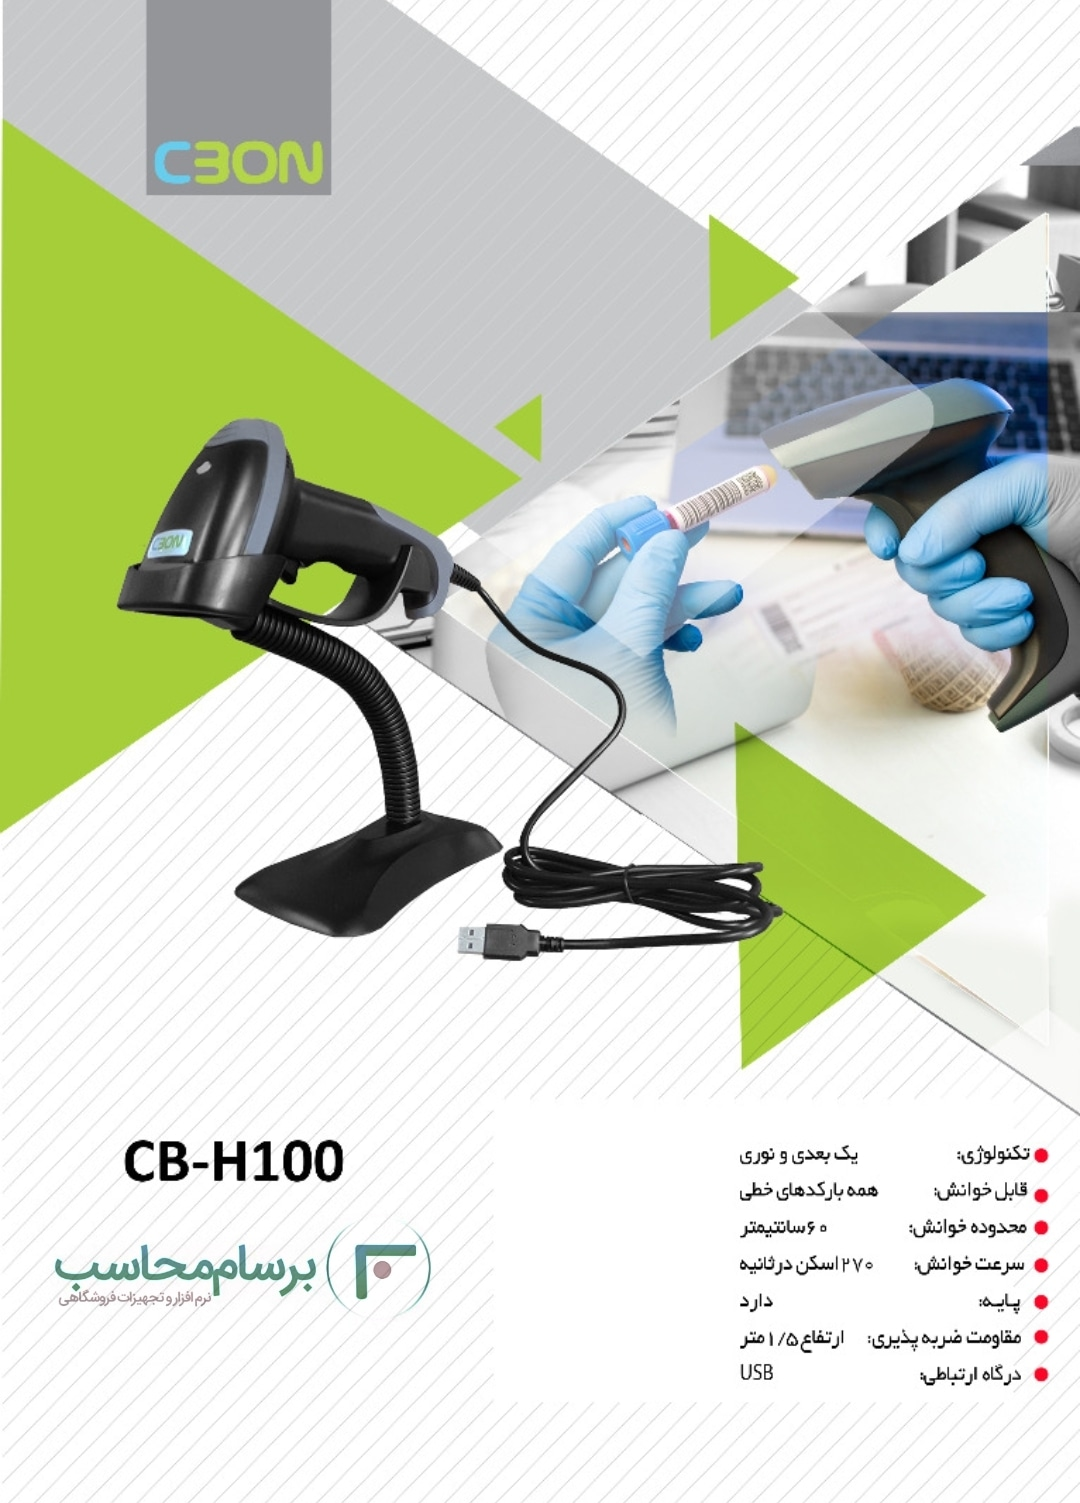 بارکد خوان CB-H100